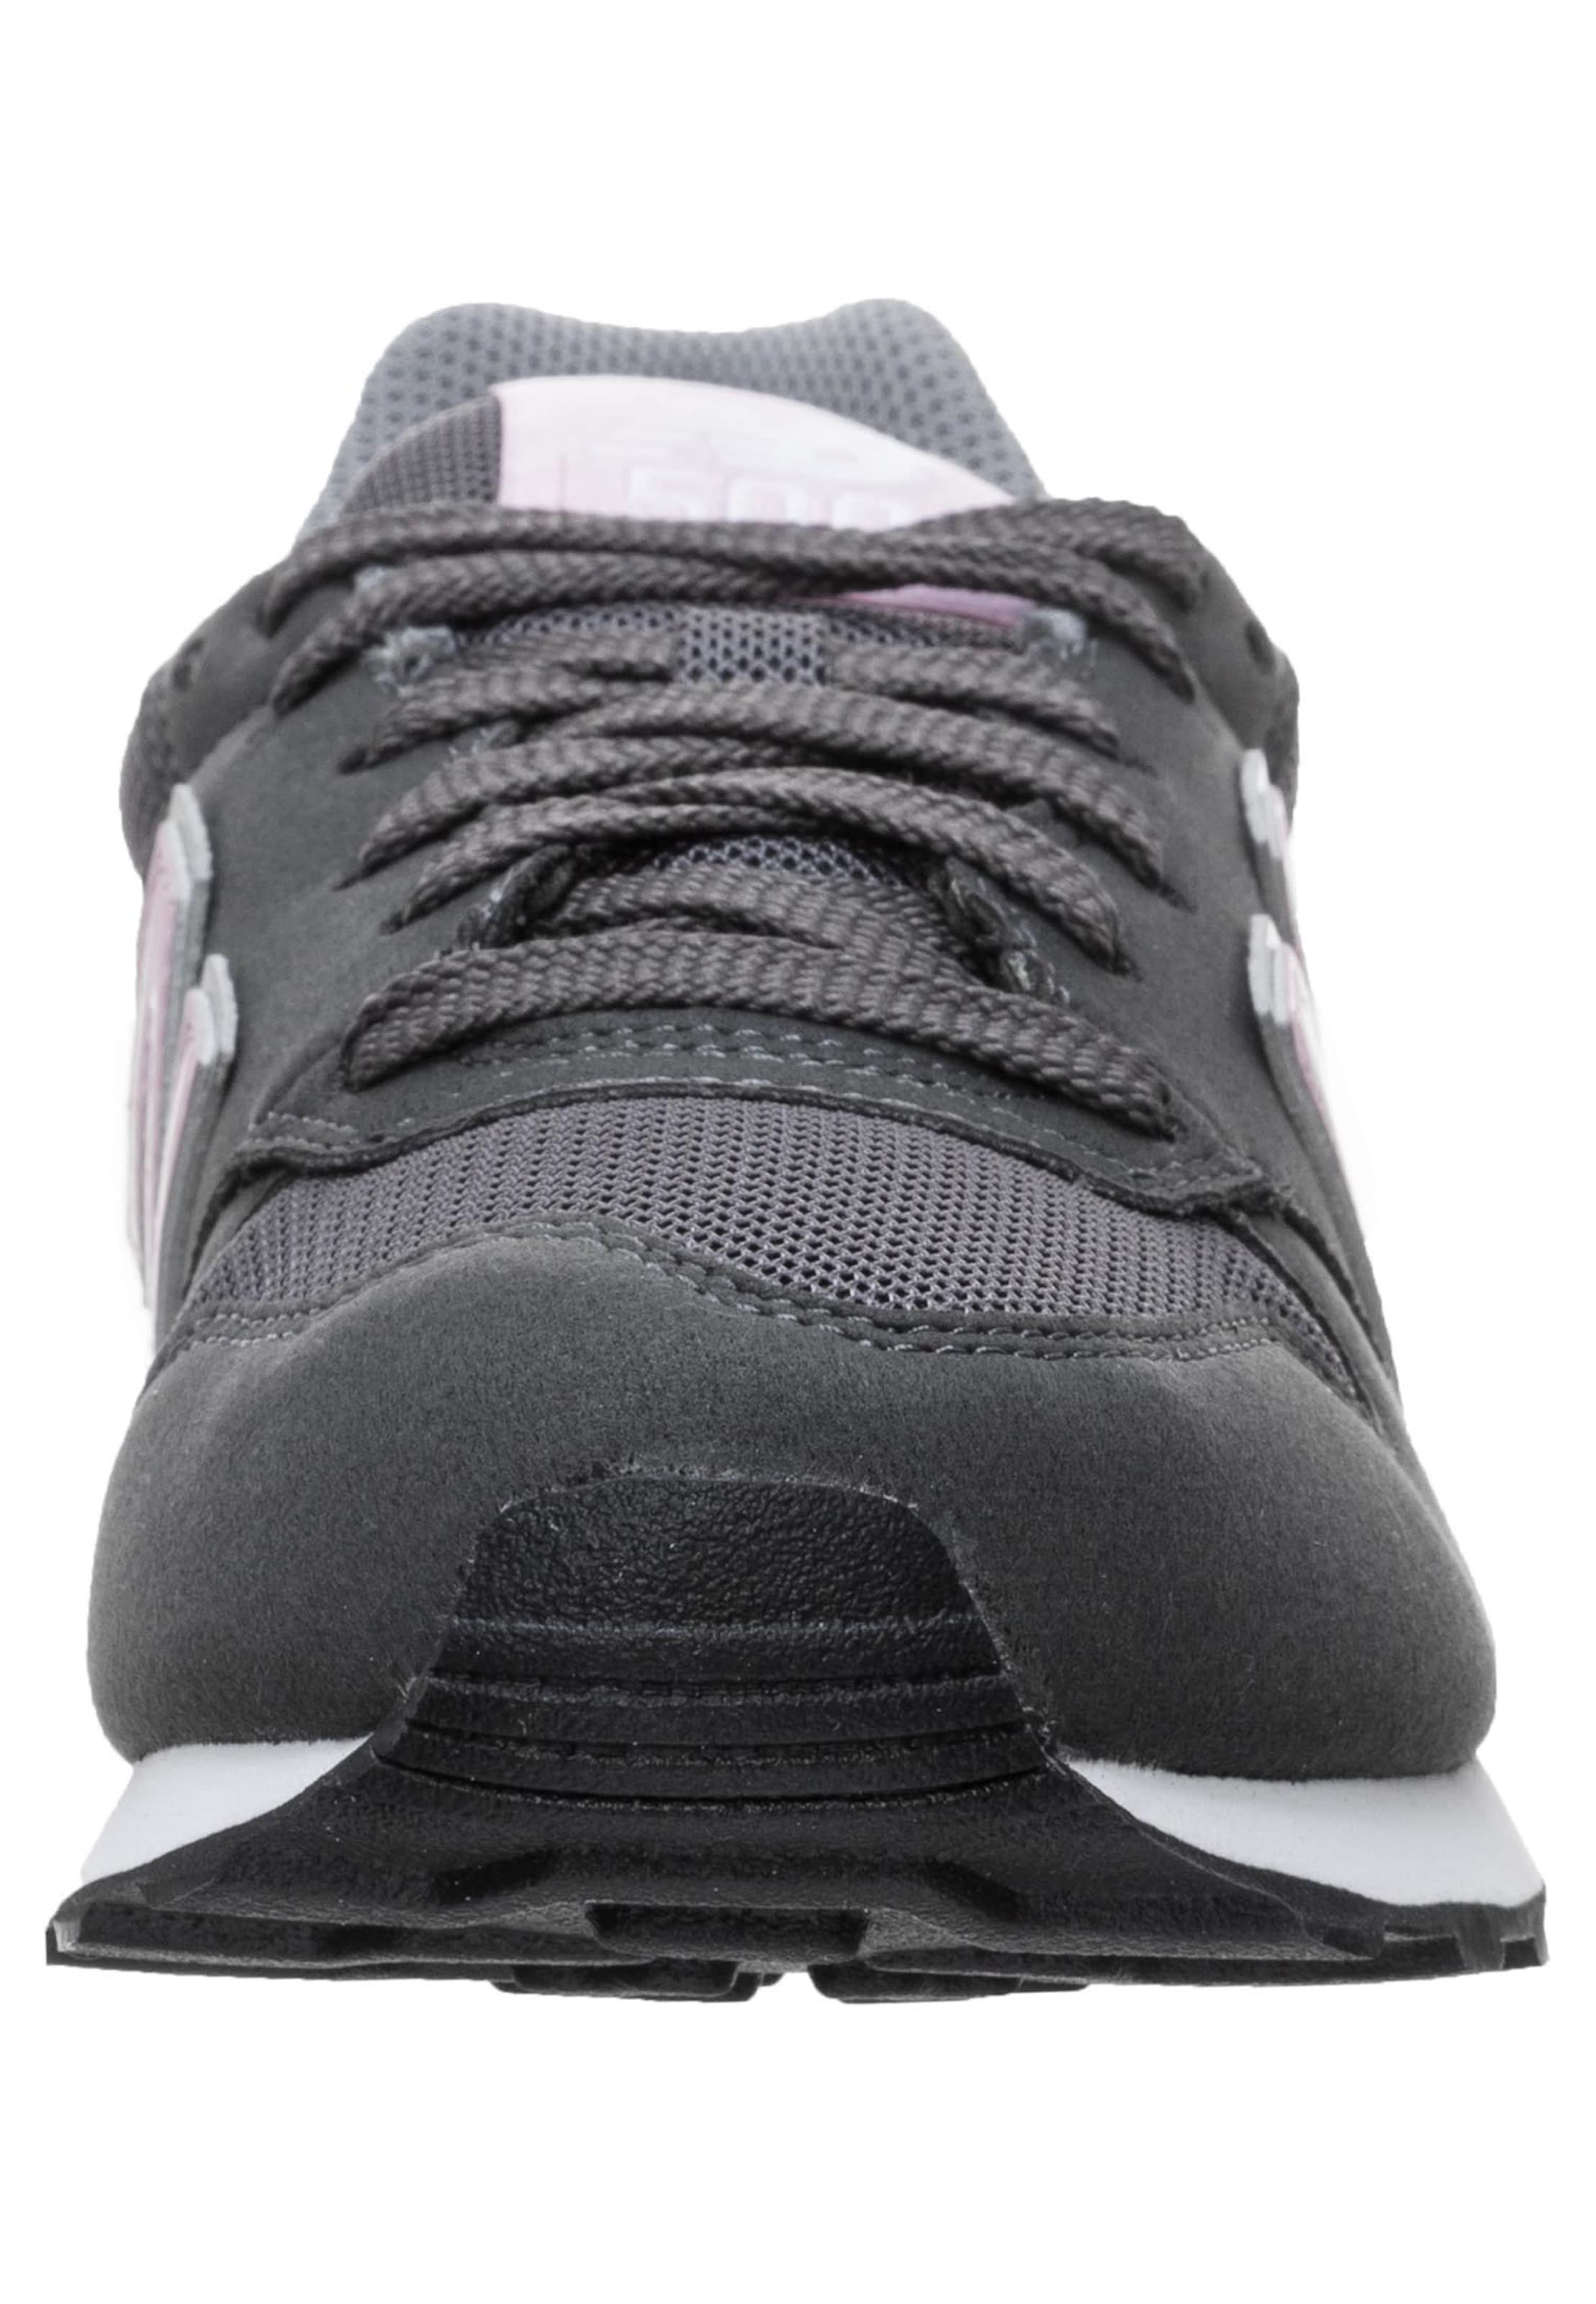 DunkelgrauRosa New 'gw500 B' Balance In Sneaker 4R35ALj